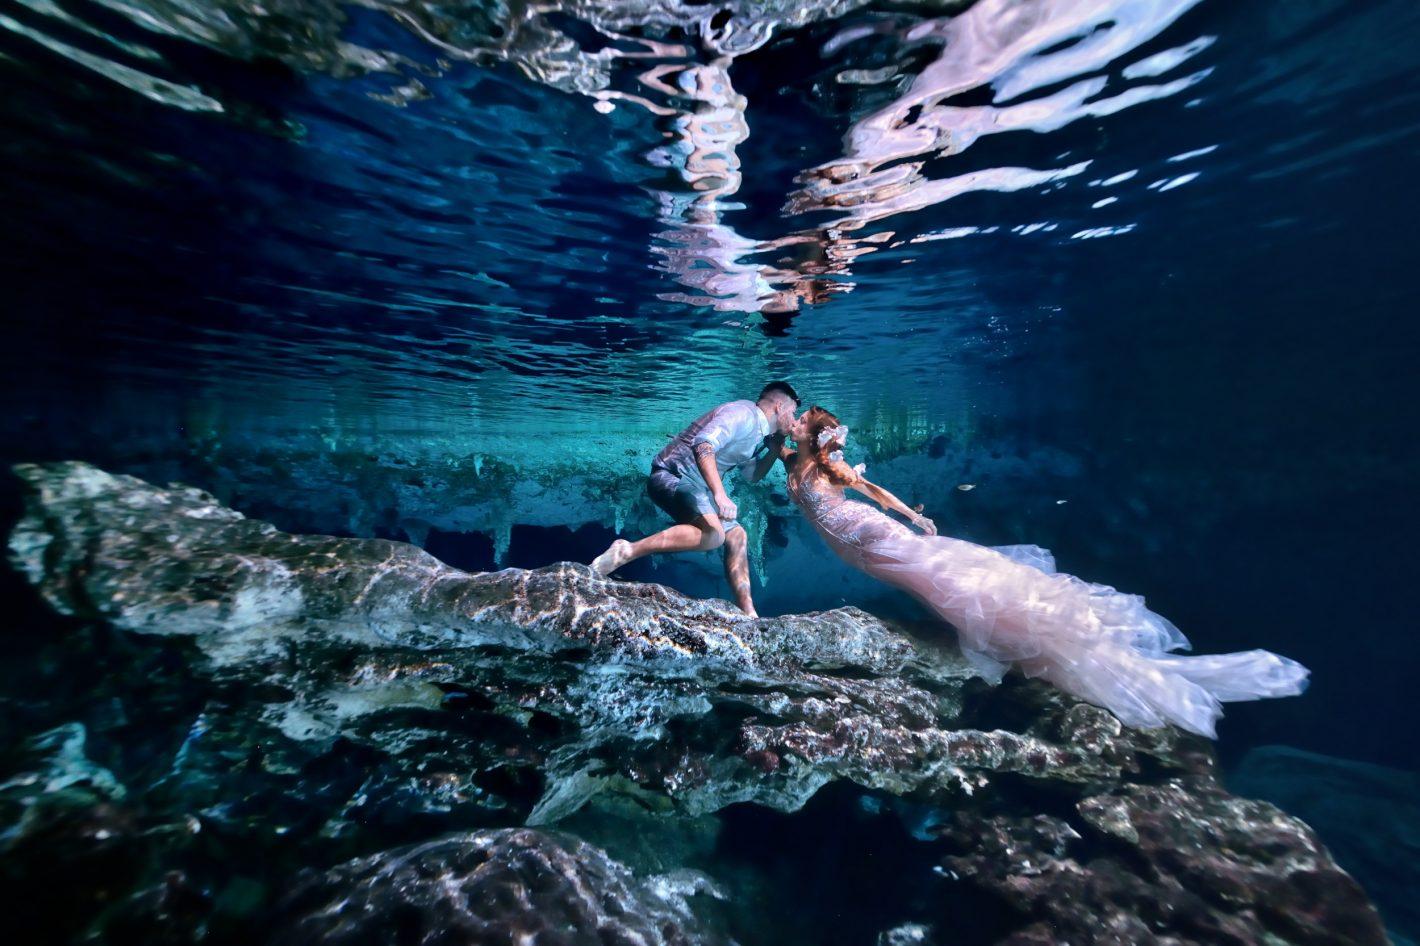 Découvrez les portraits aquatiques de Pierre Violle